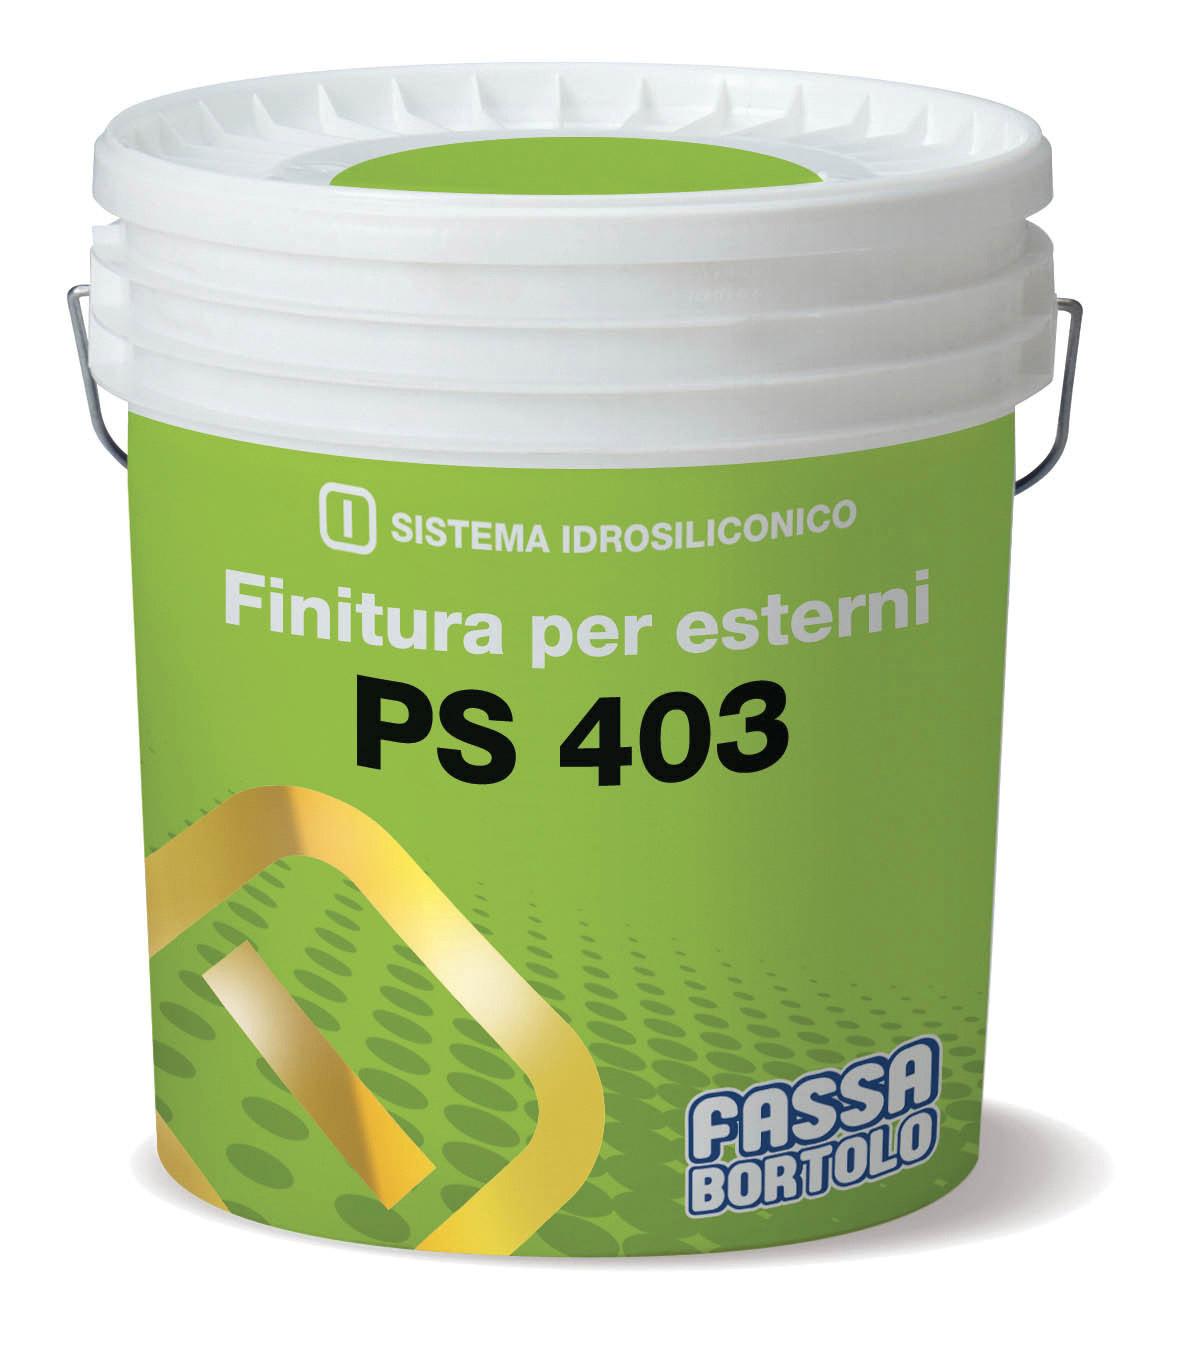 PS 403: Finitura altamente traspirante